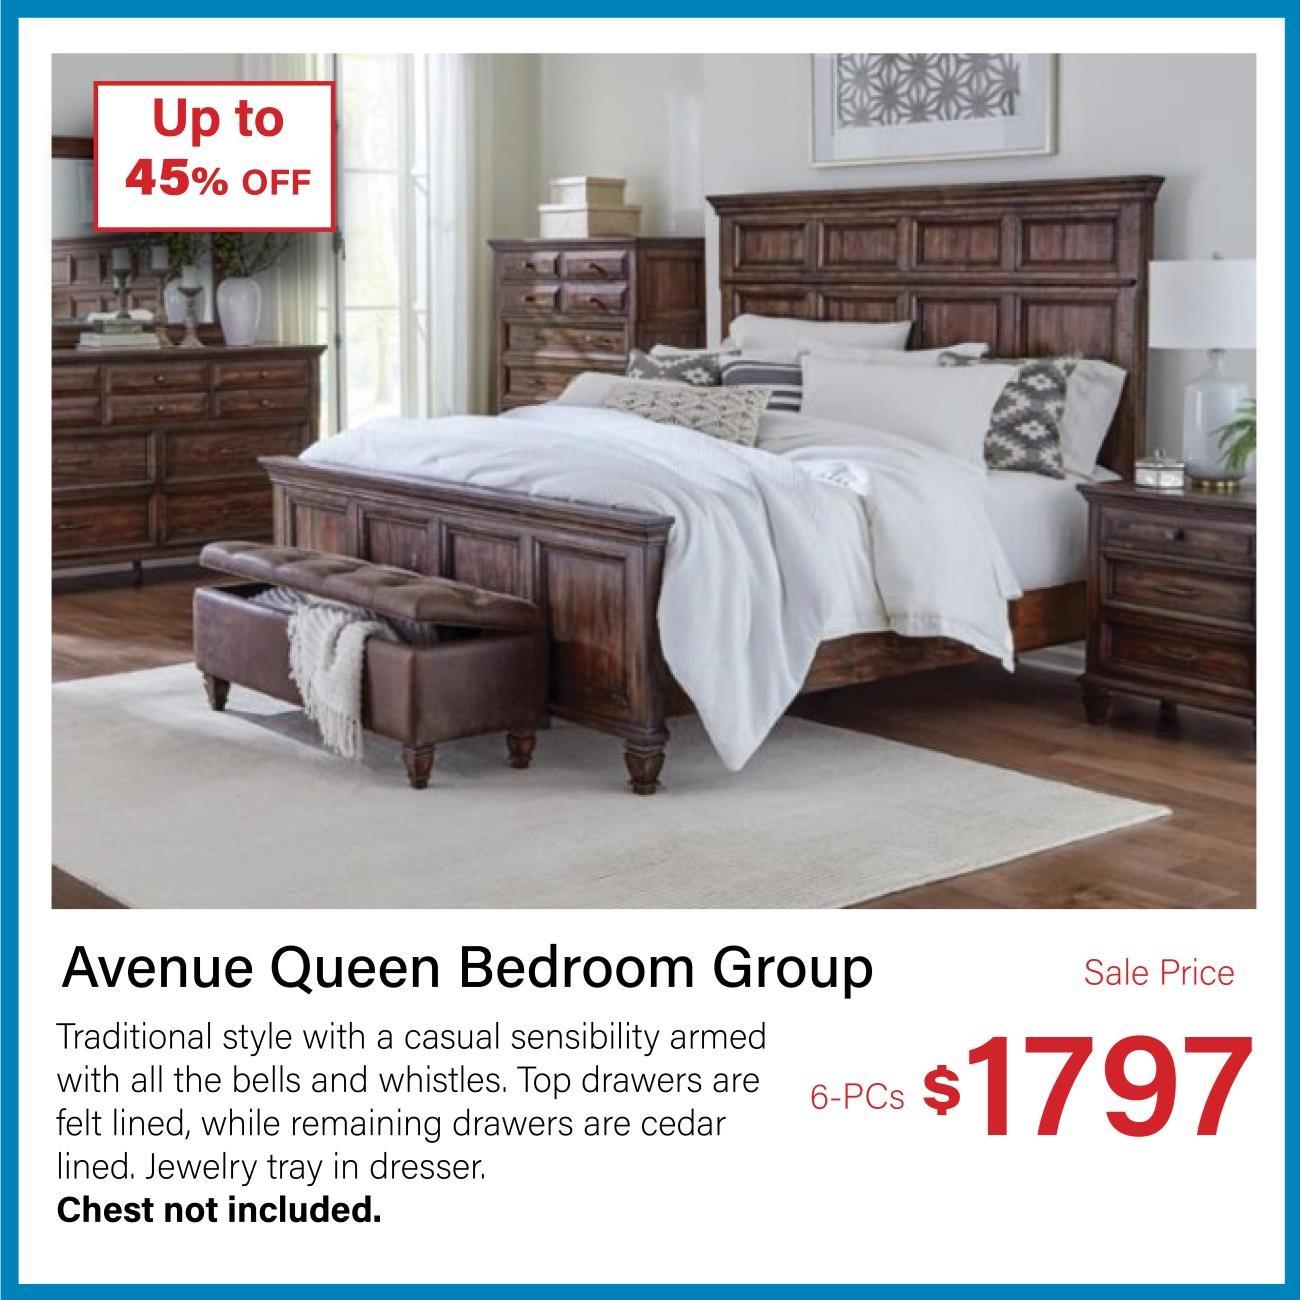 avenue queen bedroom group